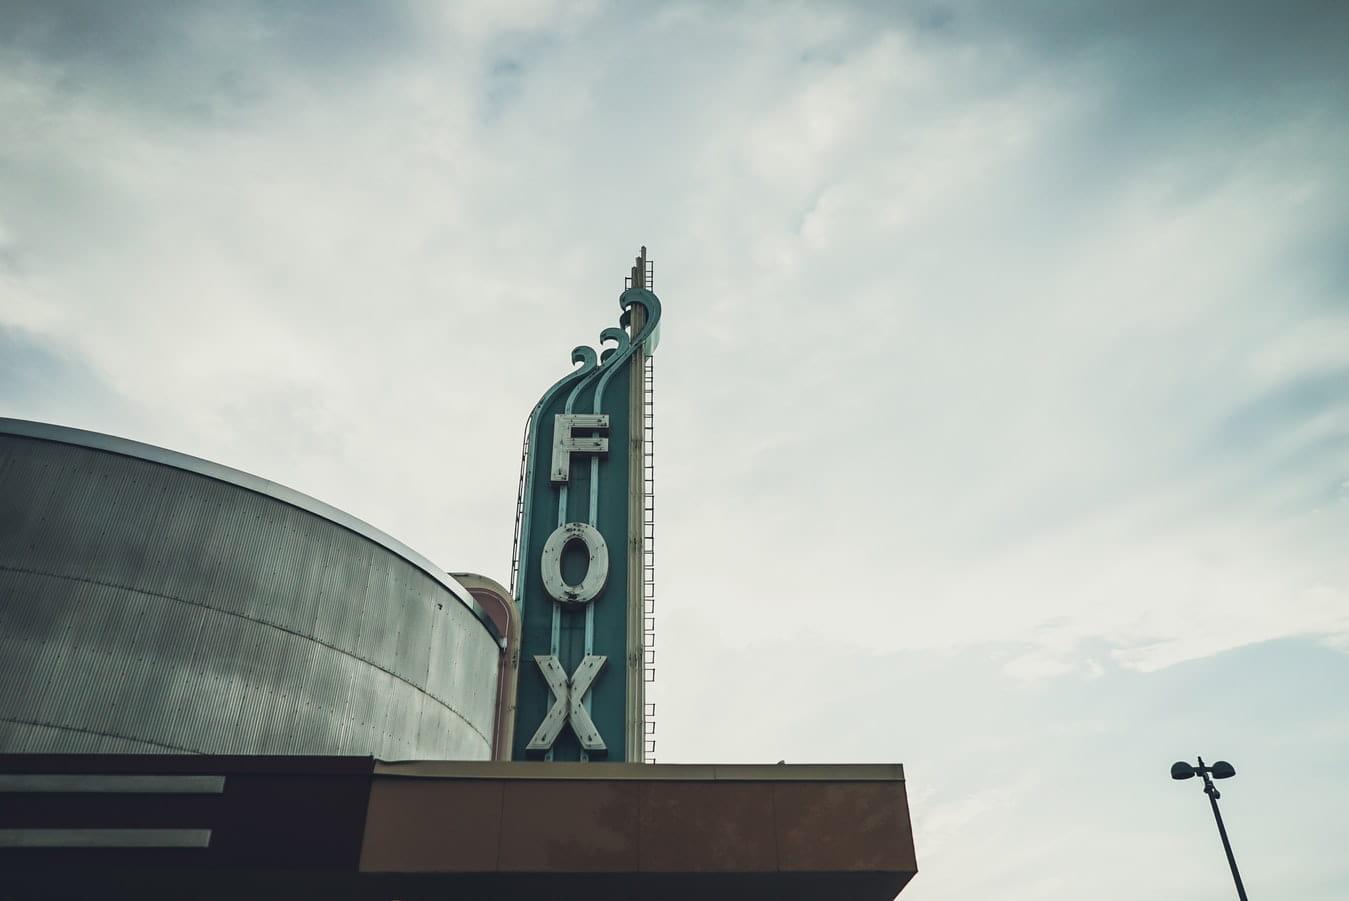 local theatre